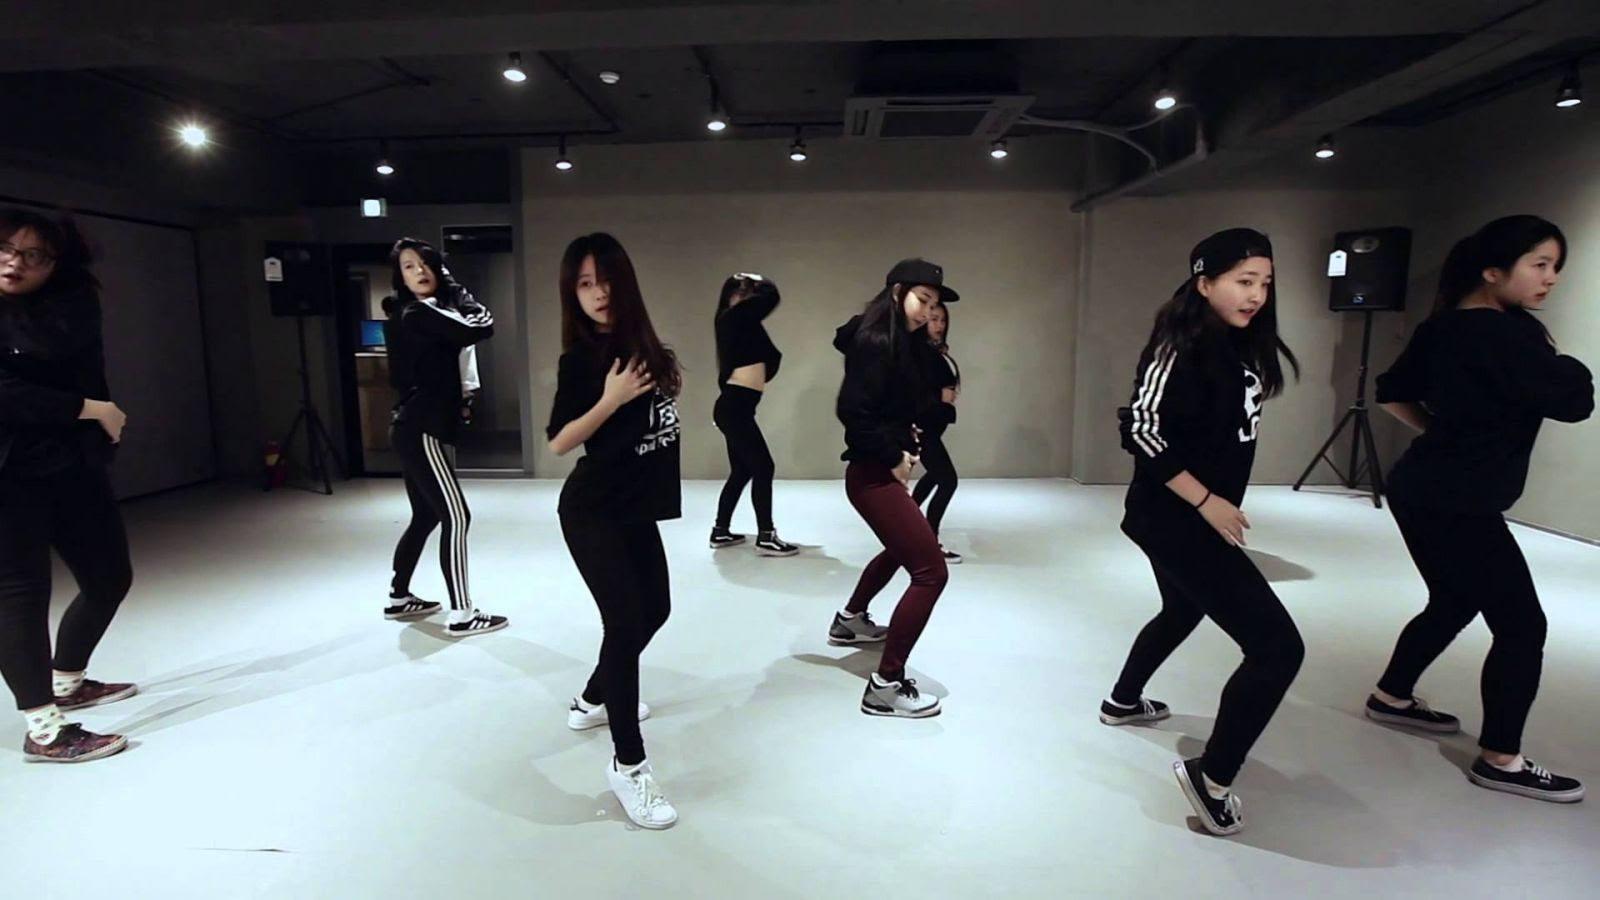 Nhảy sexy dance uy tín đã được nhiều người Việt tin tưởng lựa chọn